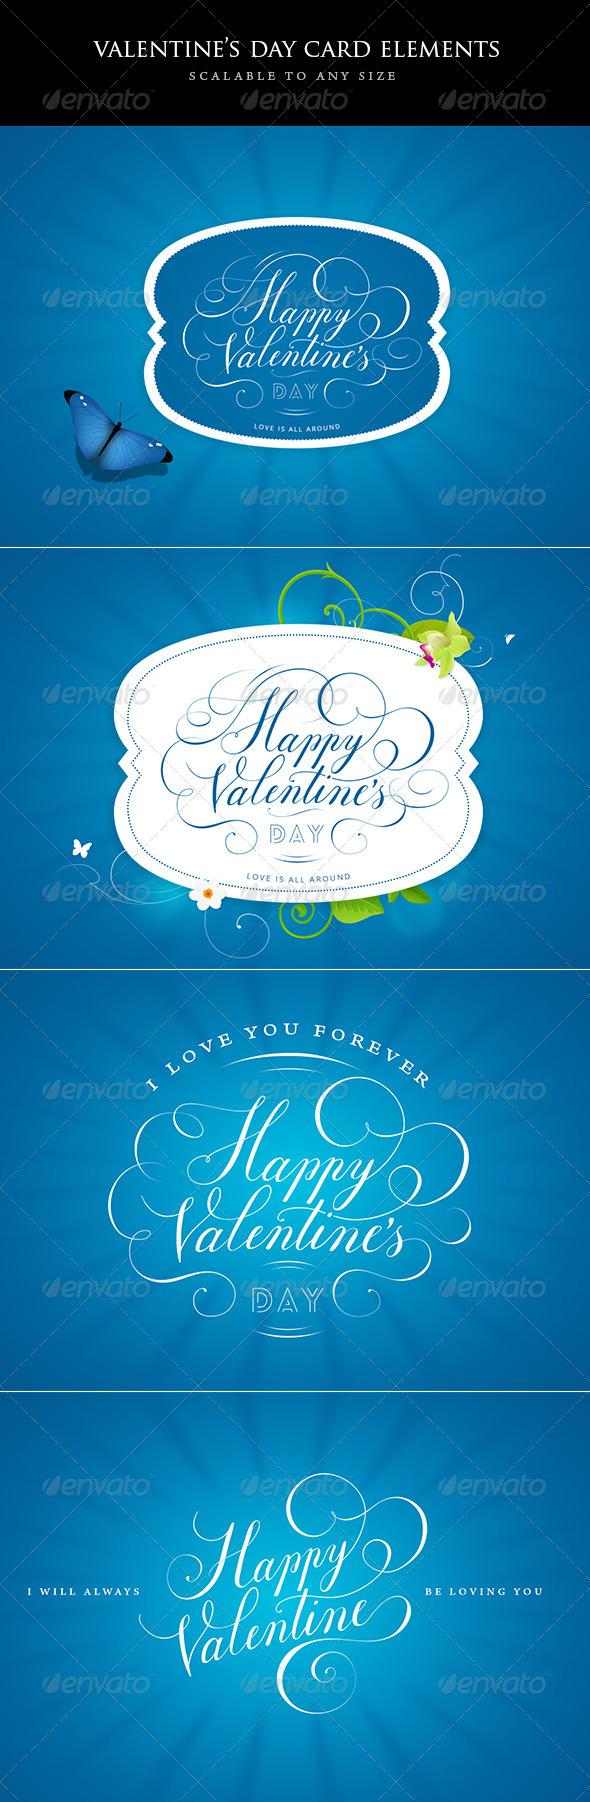 Valentines Day Design Elements